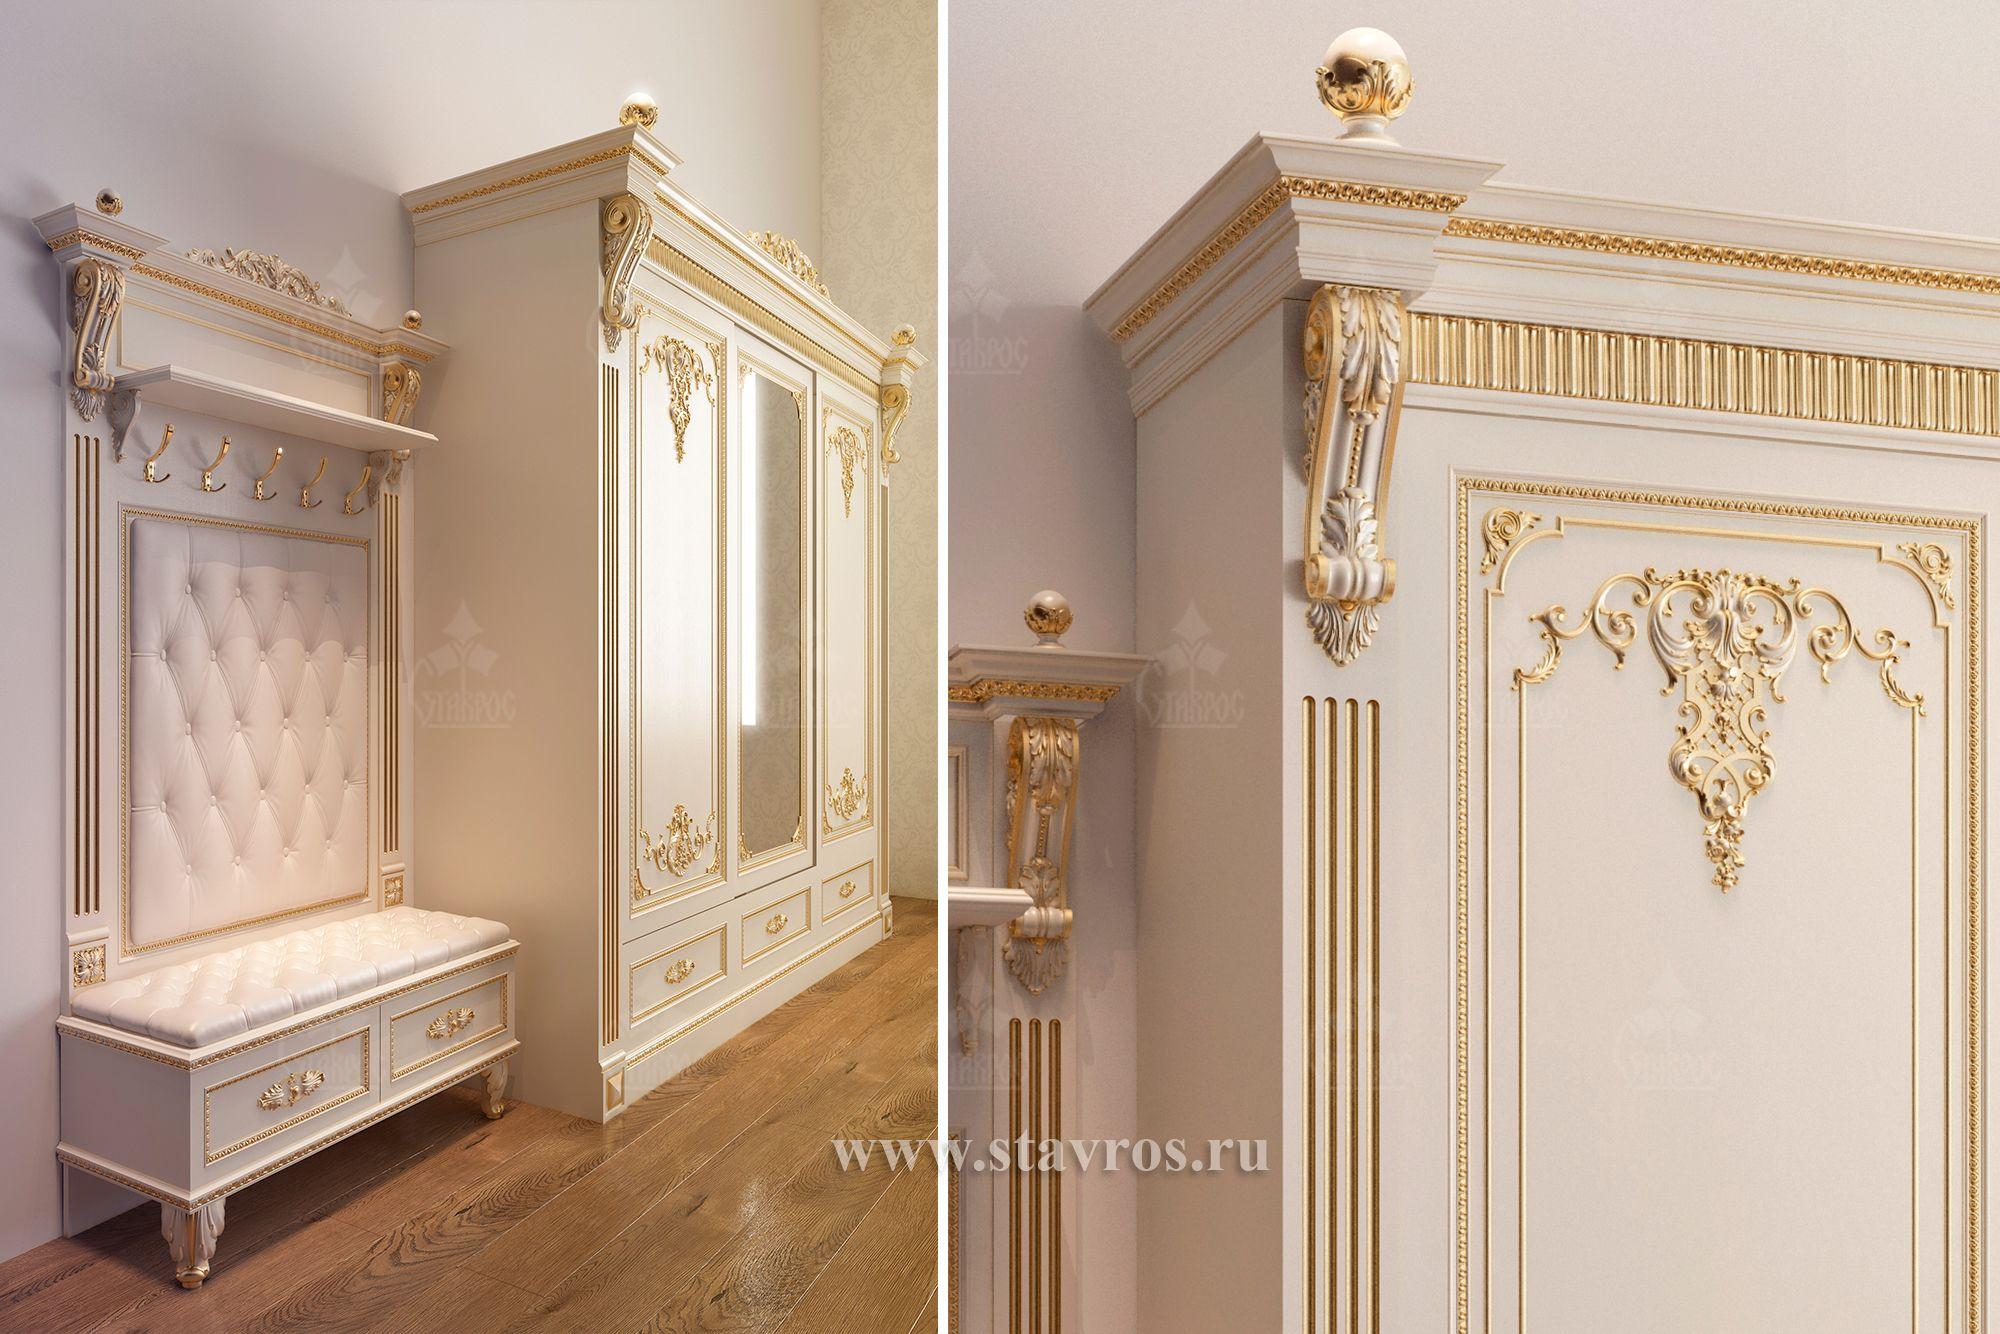 Качественная мебель из массива, украшенная резным декором - это